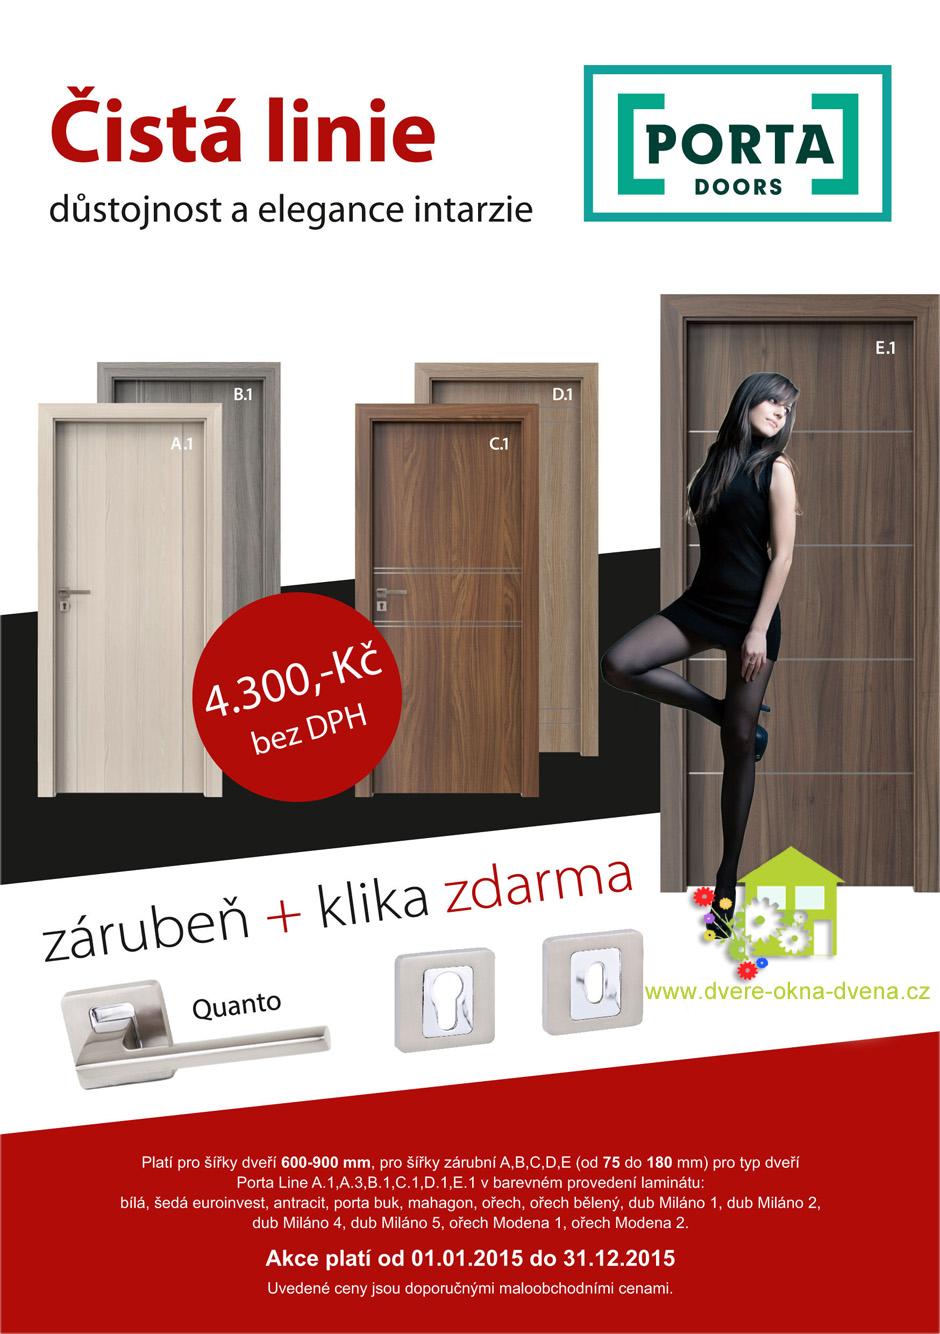 Adkce na dveře - Dveře-okna-Dvena Hradec Králové